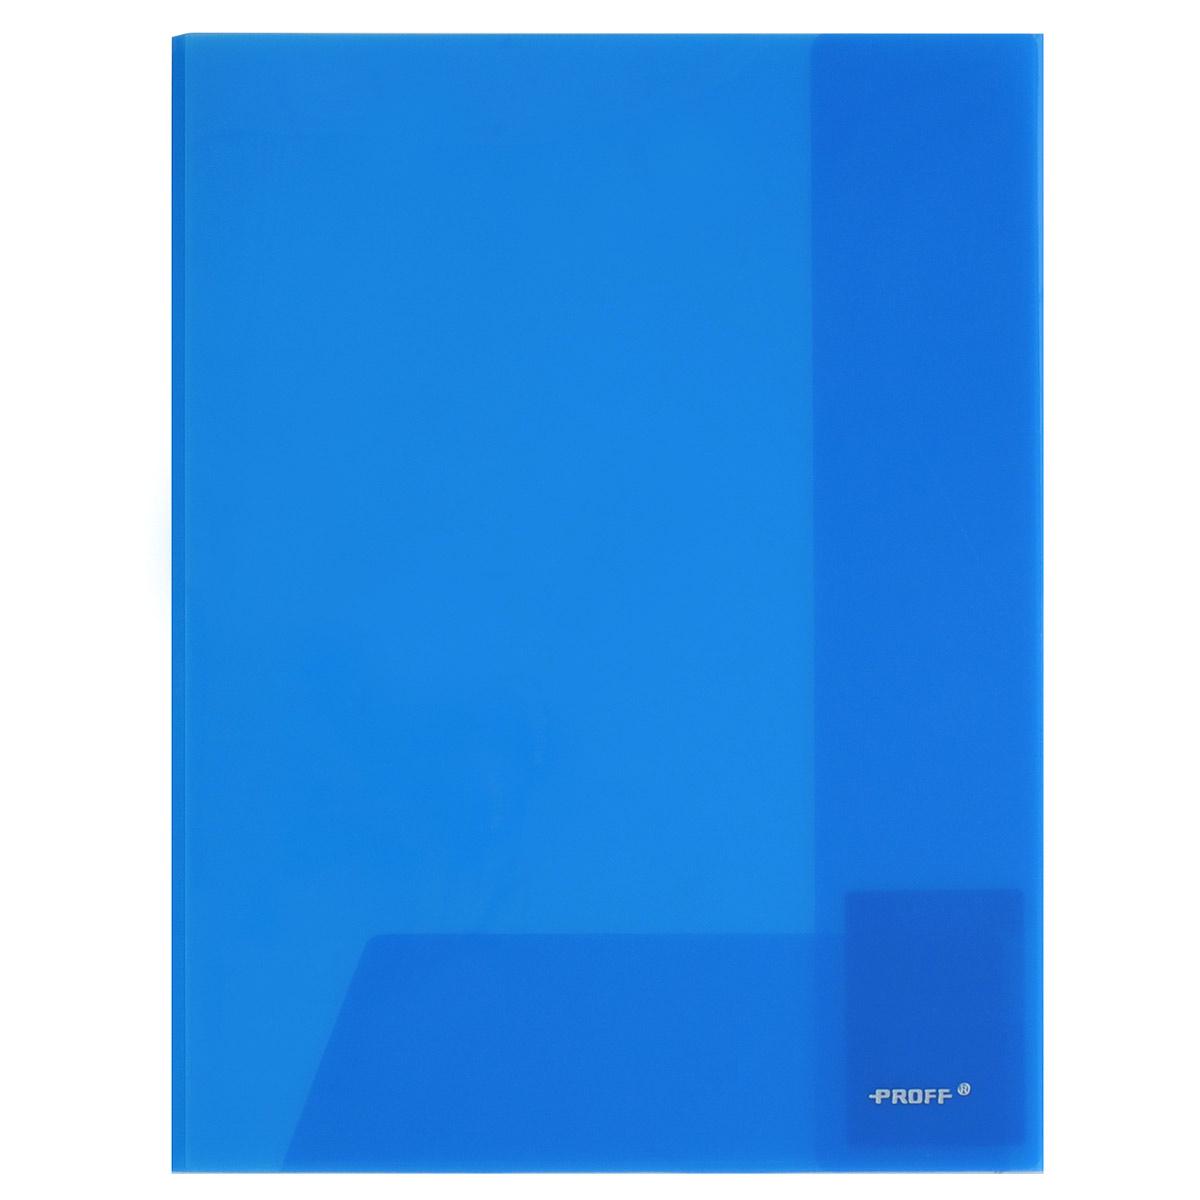 Папка-уголок Proff, цвет: синий, 2 клапана. Формат А4E311A/30-TF-04Папка-уголок Proff, изготовленная из высококачественного полипропилена, это удобный и практичный офисный инструмент, предназначенный для хранения и транспортировки рабочих бумаг и документов формата А4. Полупрозрачная папка оснащена двумя клапана внутри для надежного удержания бумаг. Папка-уголок - это незаменимый атрибут для студента, школьника, офисного работника. Такая папка надежно сохранит ваши документы и сбережет их от повреждений, пыли и влаги.